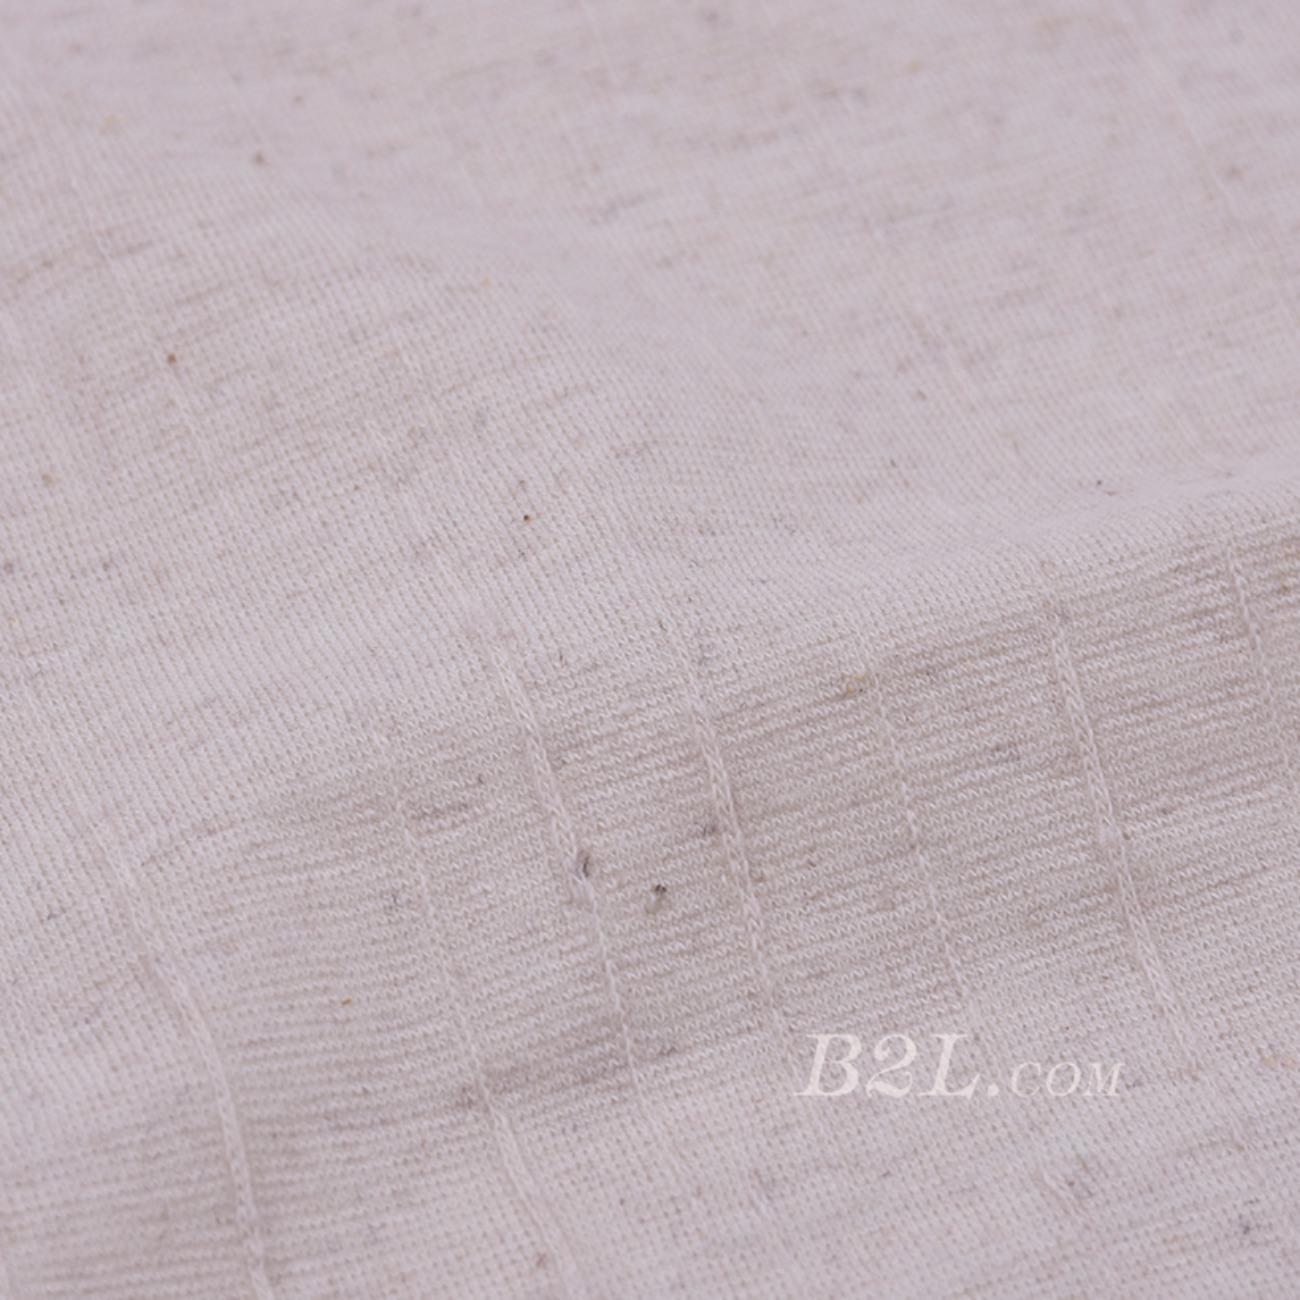 素色 针织 提花 高弹 连衣裙 女装 春夏 柔软 80520-3